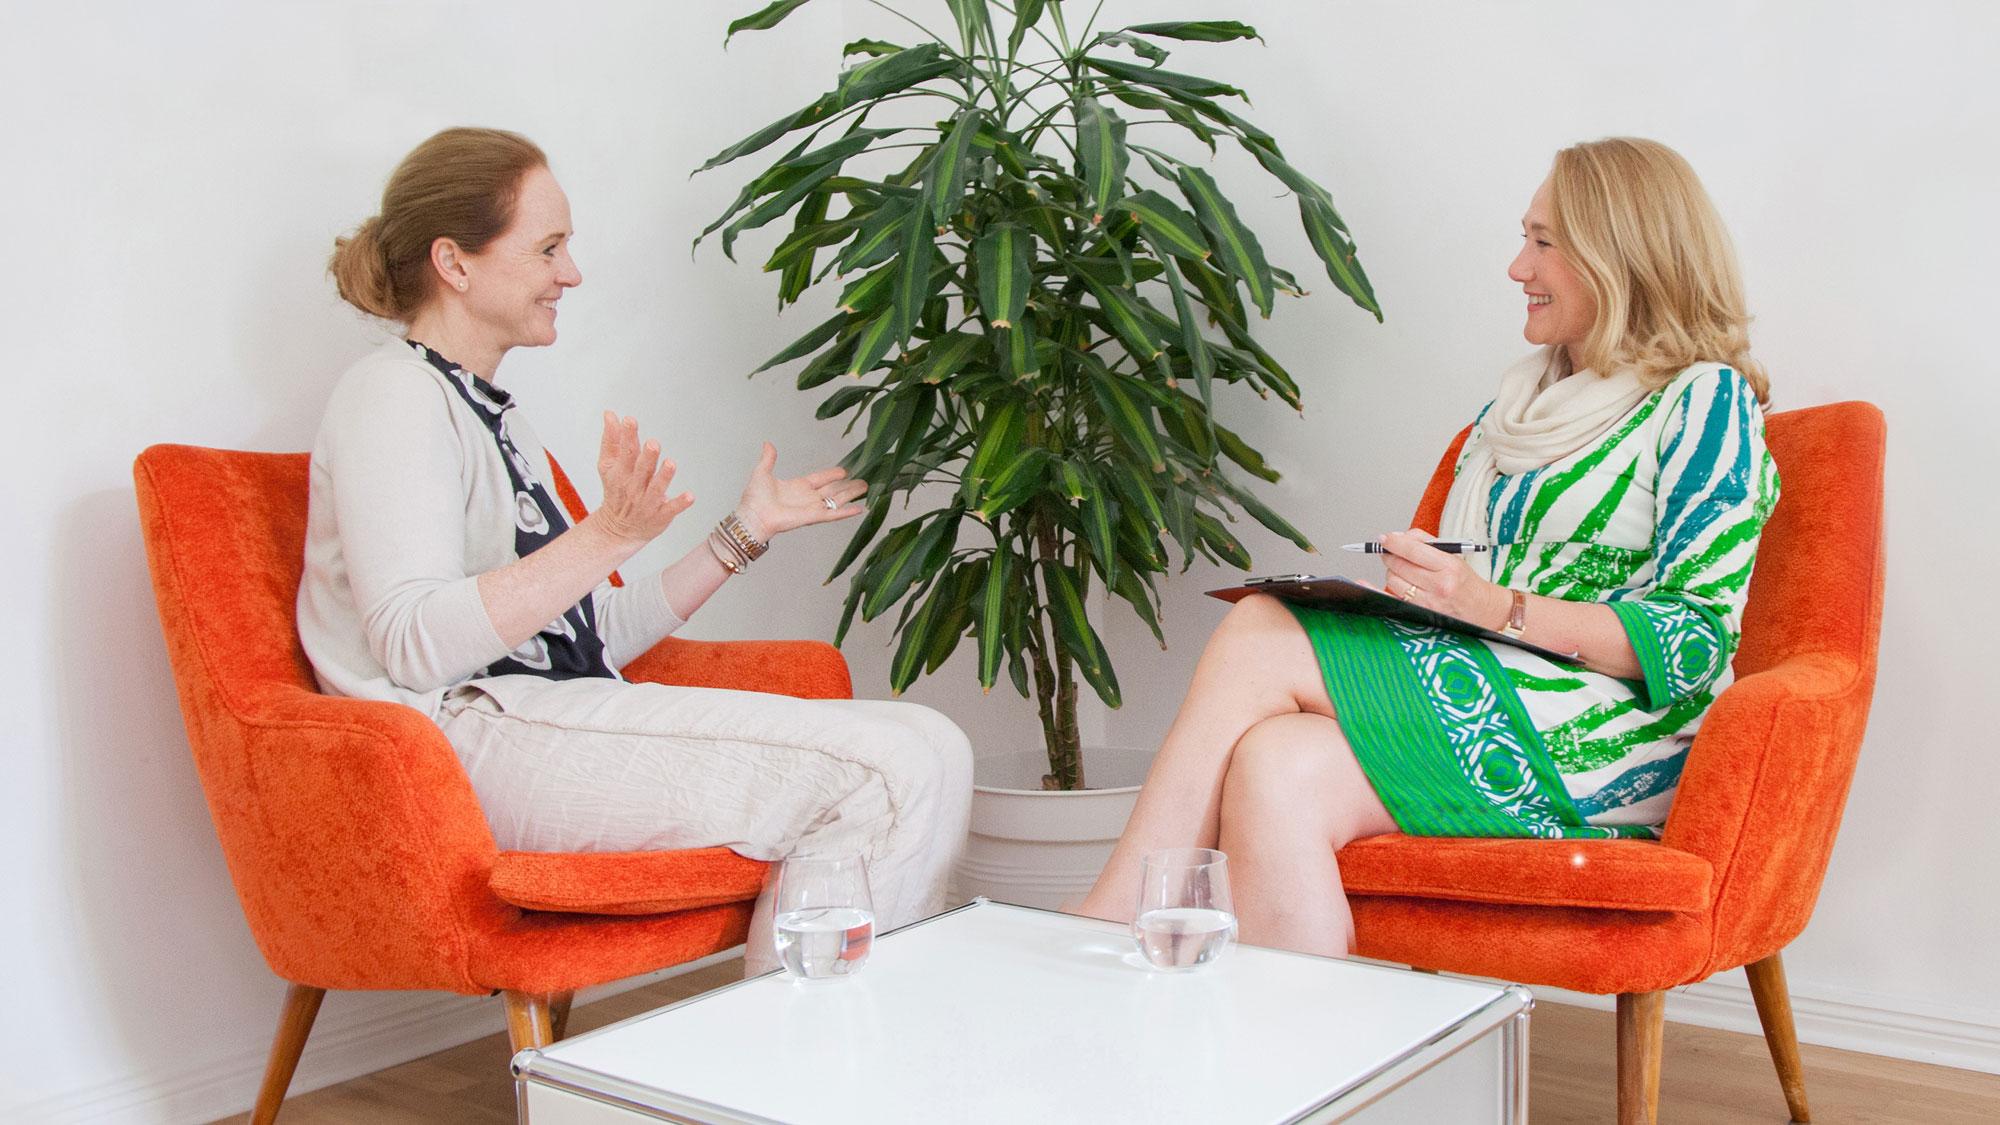 Life-Coach-Sabine-Samonig-Berlin-mit-Kundin-beim-Stärkencoaching-mit-Gelassenheit-glücklich-werden